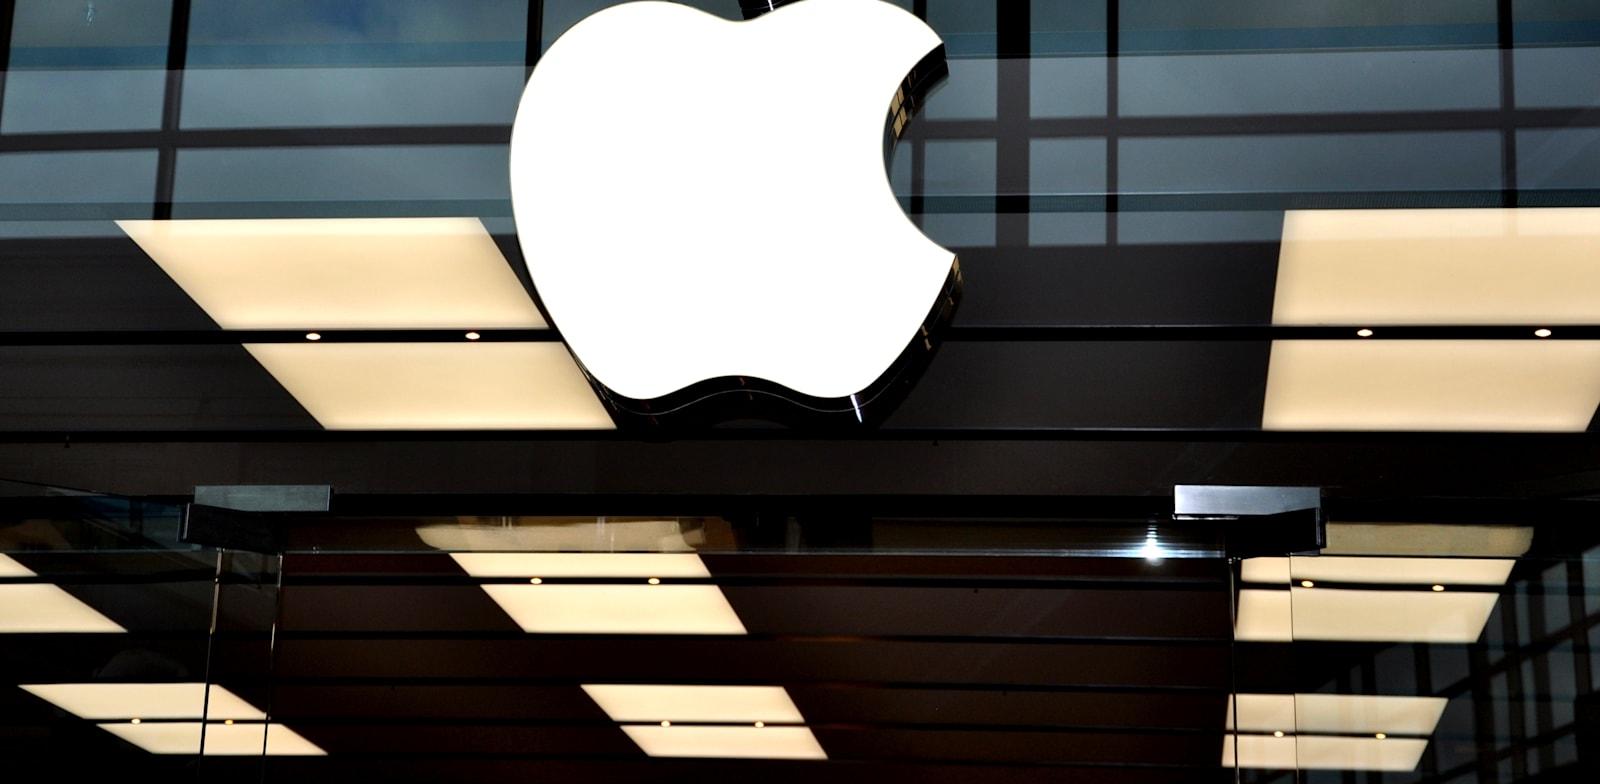 אירוע ההכרזה השנתי של אפל יתקיים בשבוע הבא / צילום: Shutterstock, Lester Balajadia